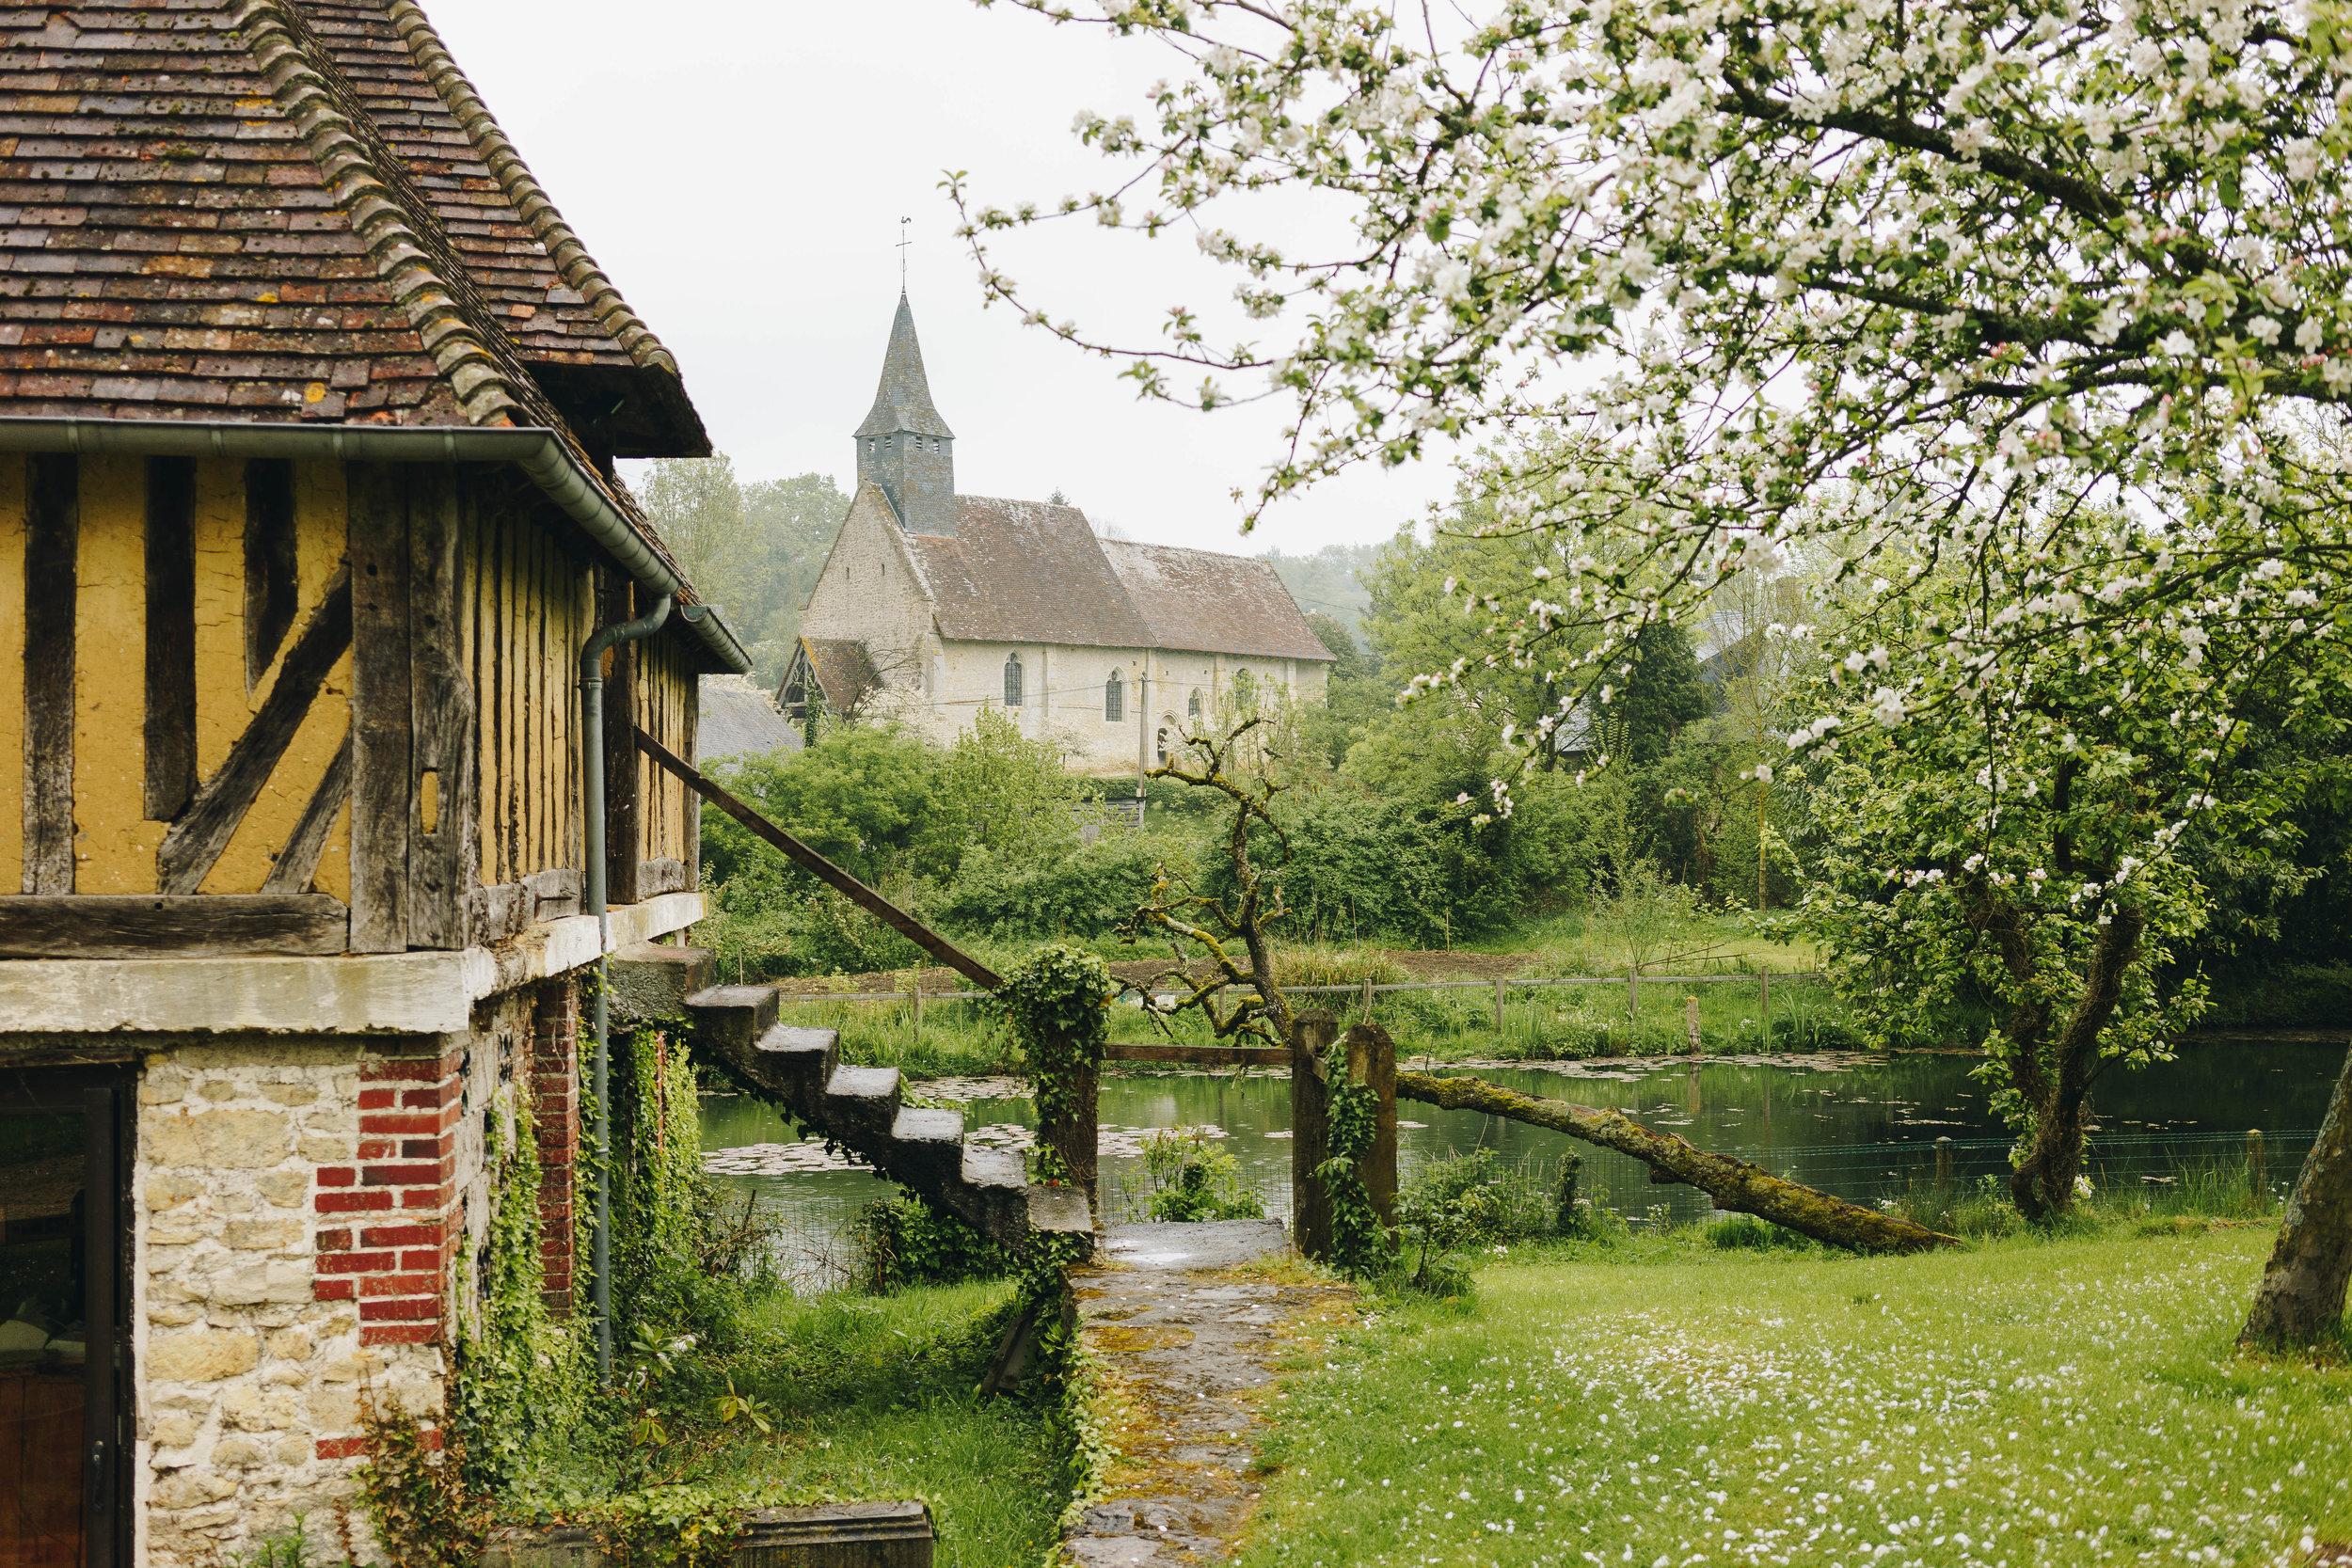 ASROSENVINGE_Normandy-02297.jpg